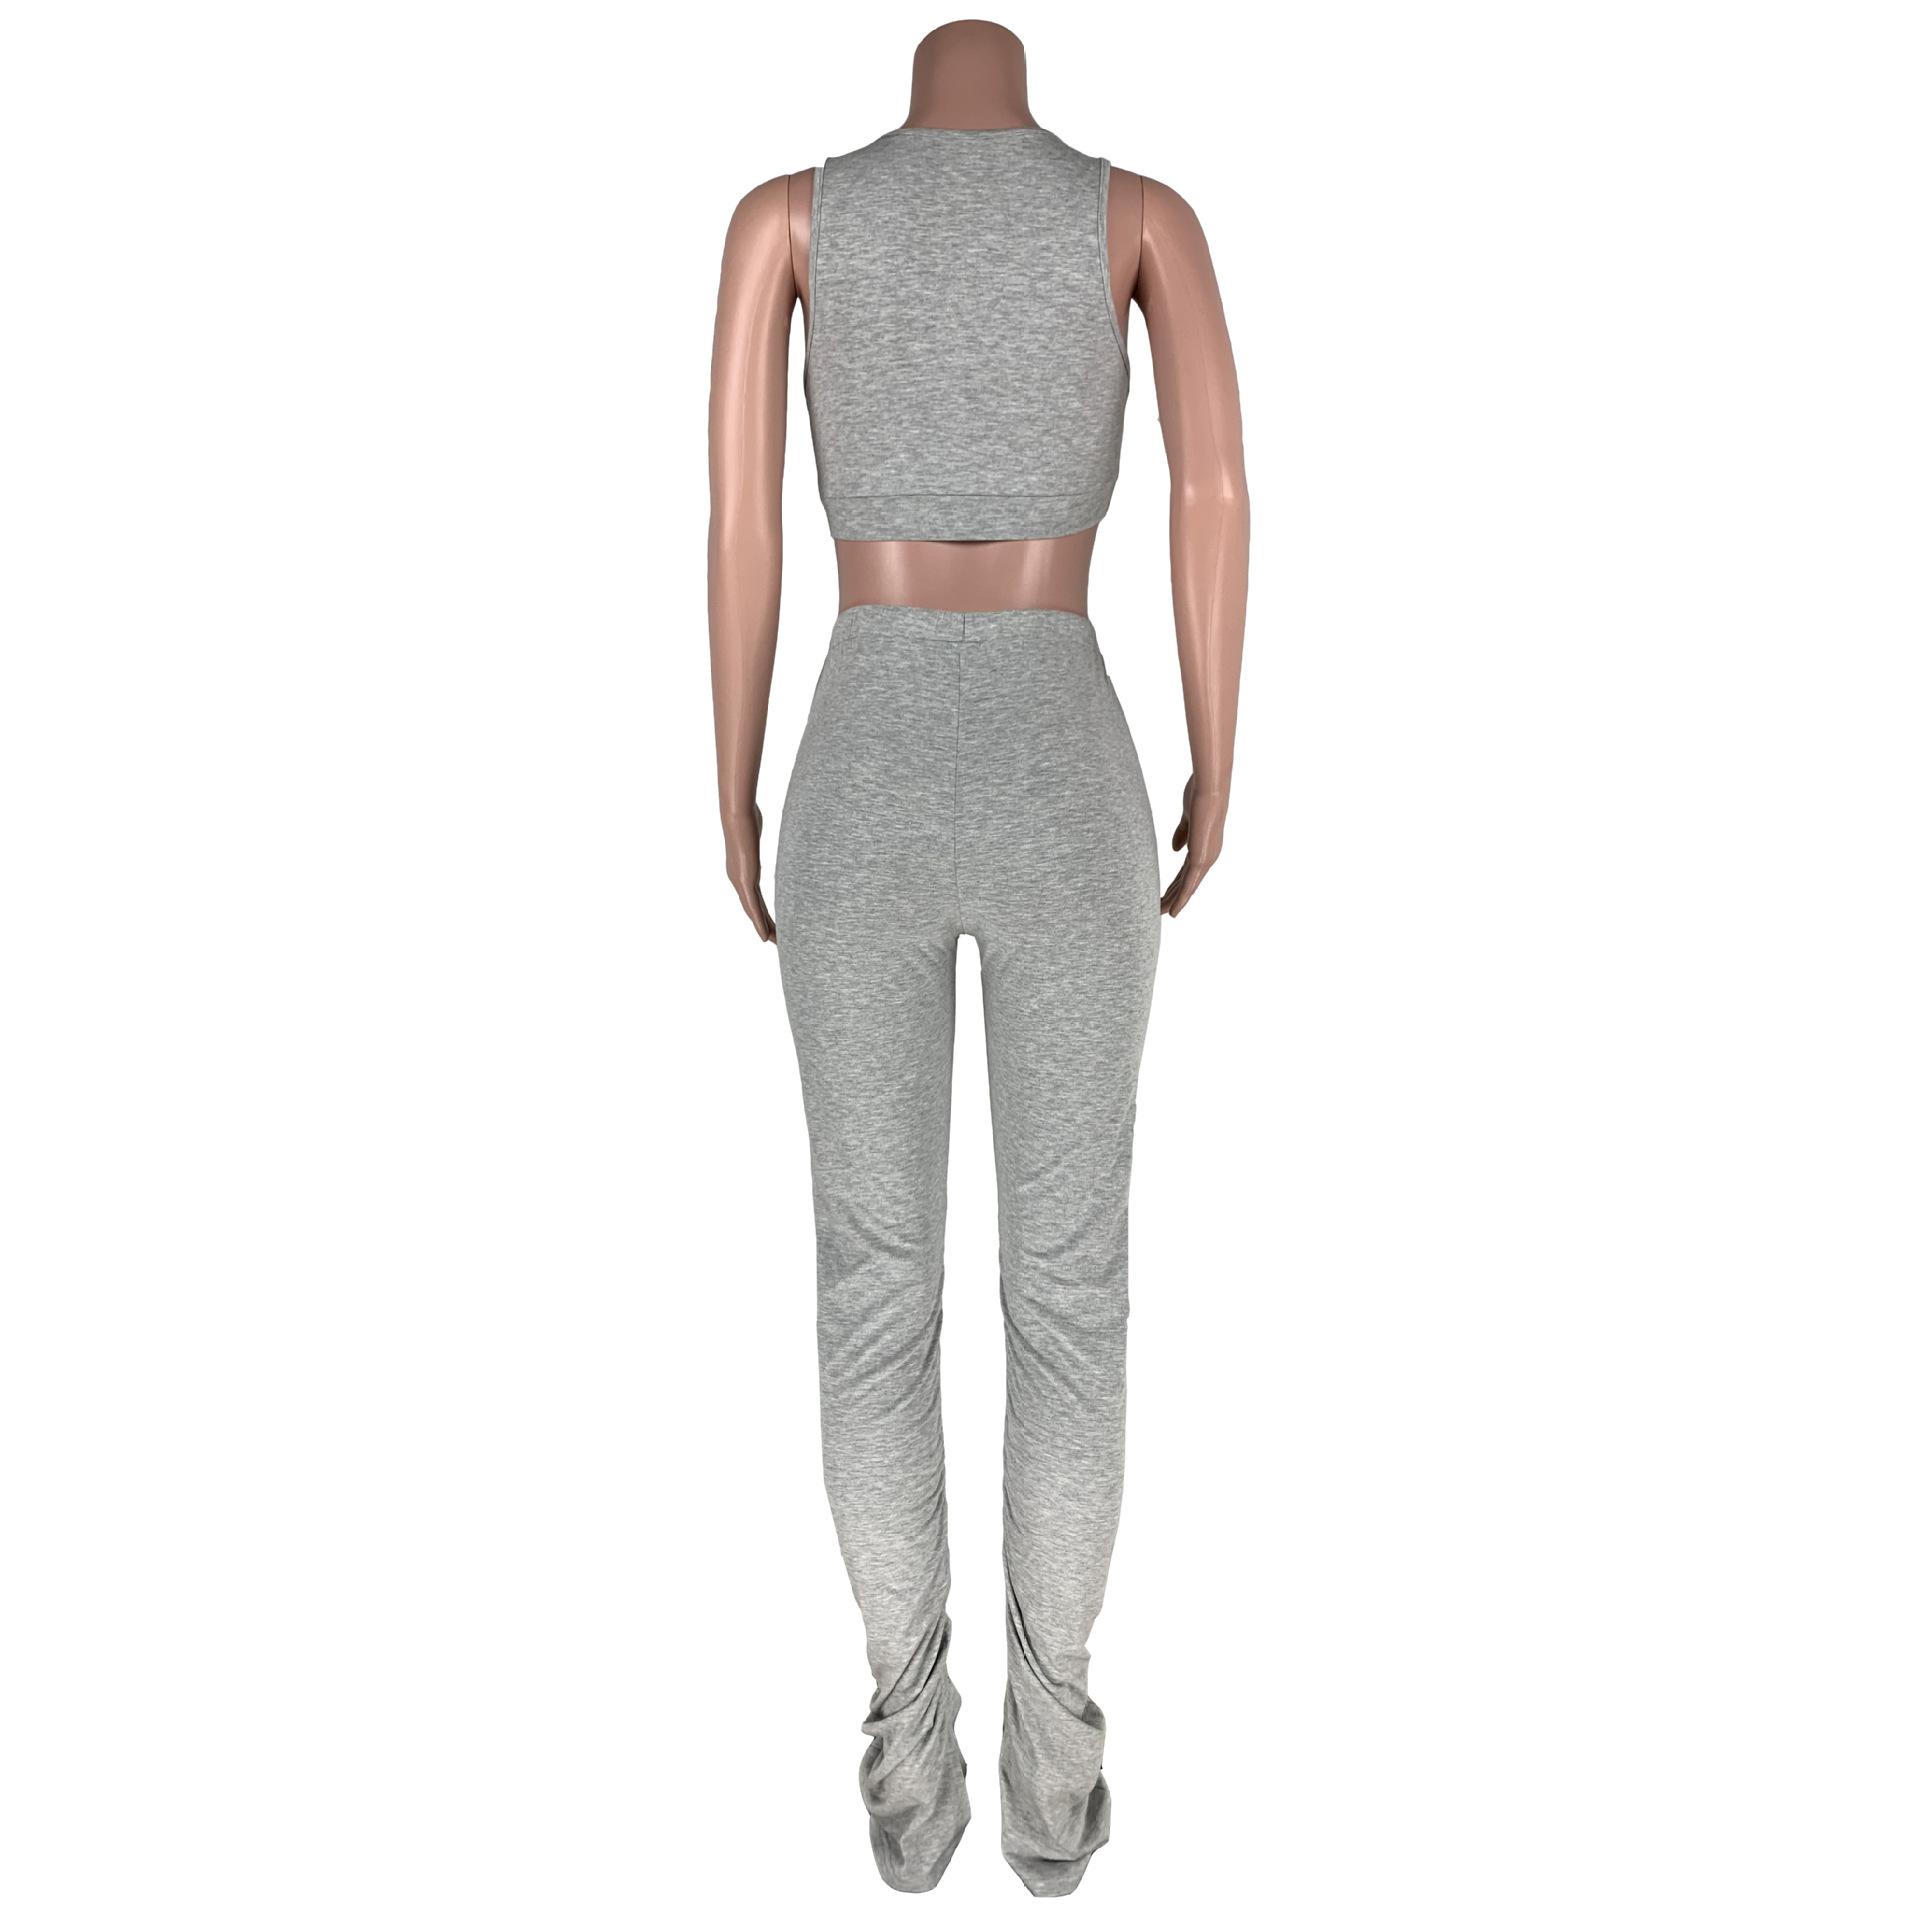 2 Conjunto pedaço Mulheres Cortar Top Calças Conjunto de Duas Peças Das Mulheres Empilhadas Empilhados Leggings Dois Outfits Peça